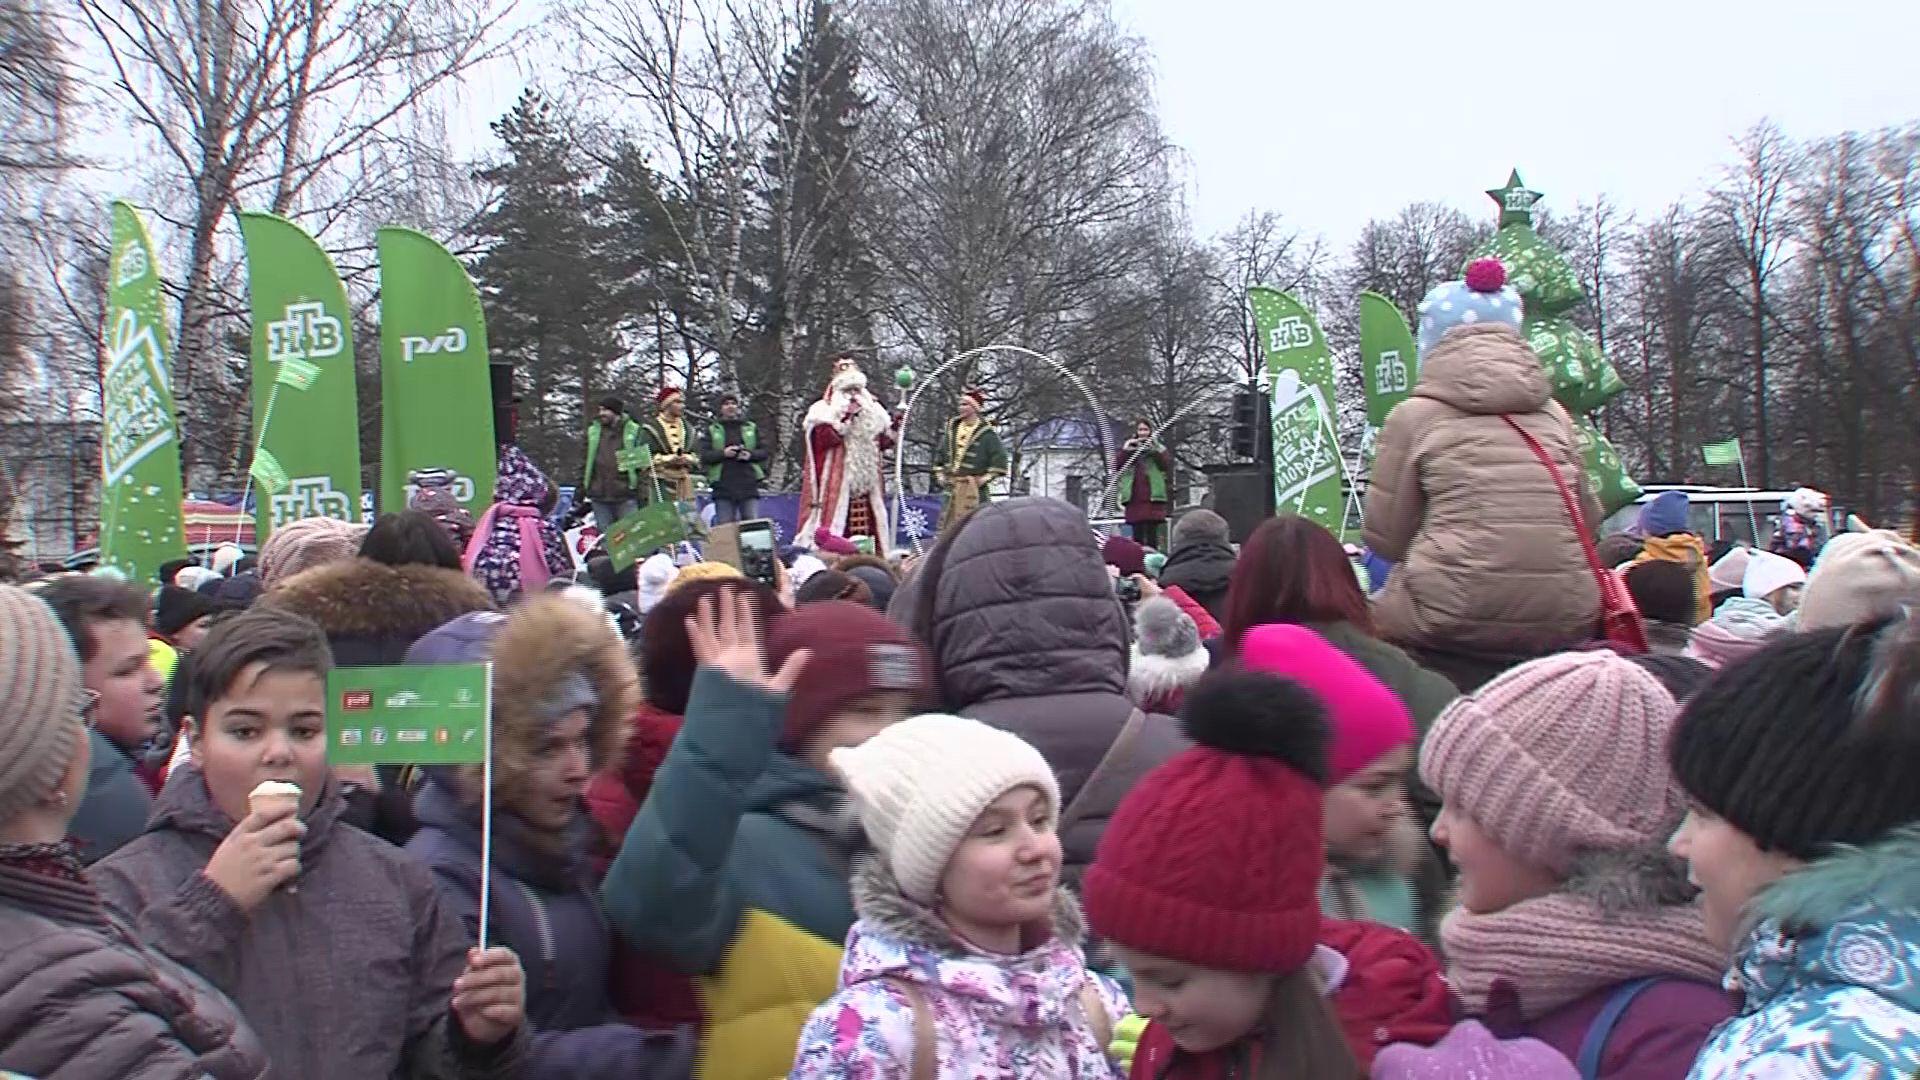 Ярославцы вспомнили самые яркие подарки от Деда Мороза